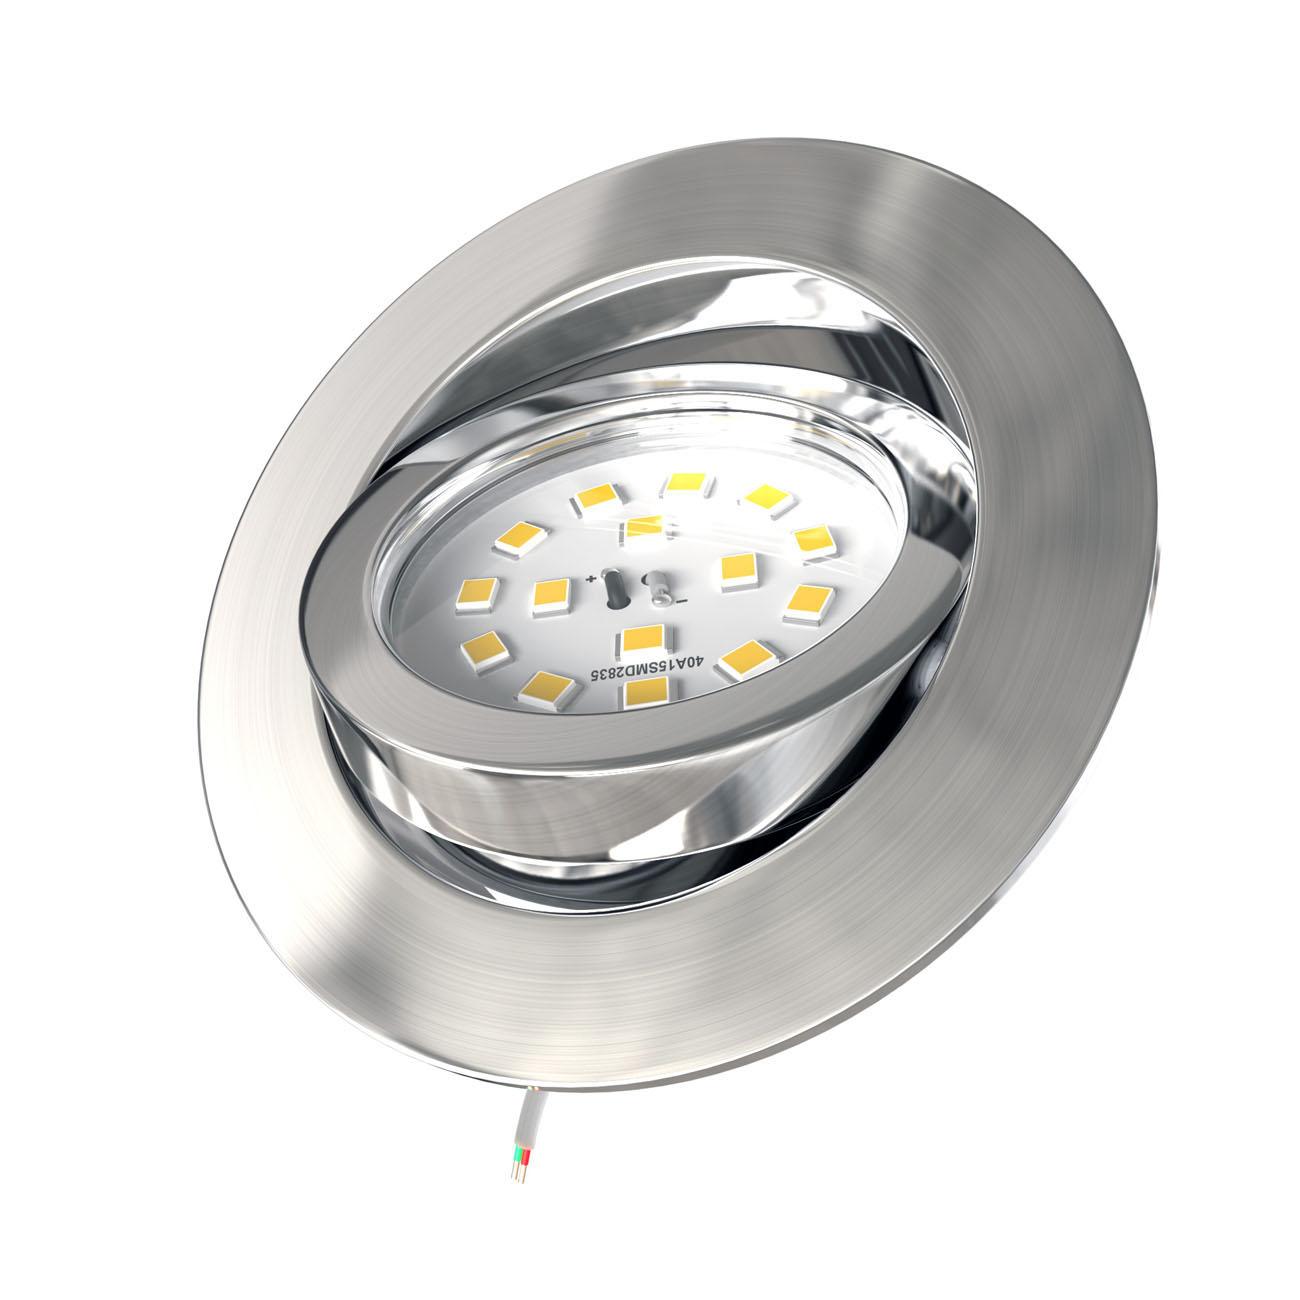 LED Einbaustrahler | Einbauleuchte 5er SET | 5,5W Stufendimmer schwenkbar - 4